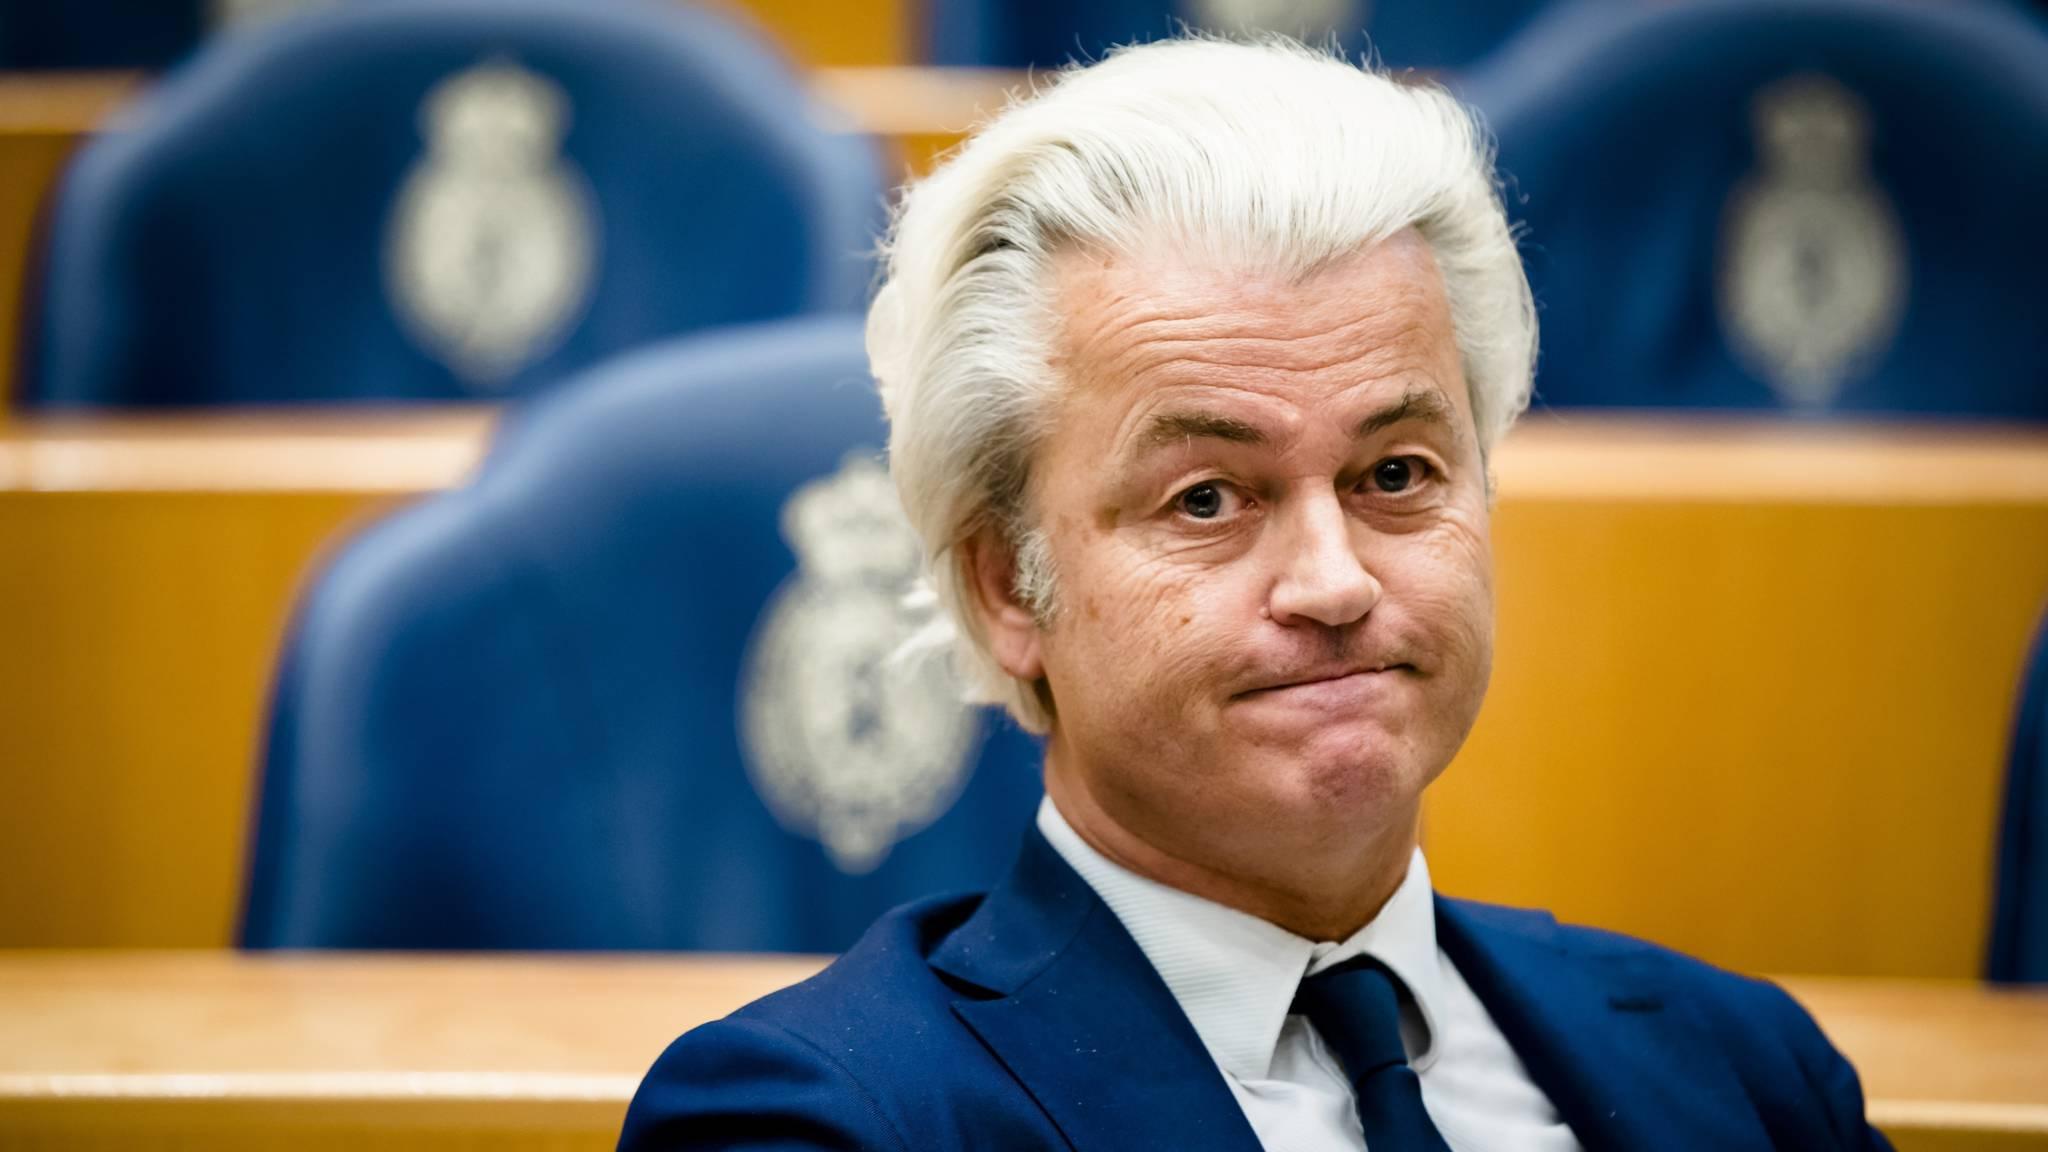 Geert Wilders is woest: 'Linkse elite wil PVV verbieden!' - INDIGNATIE